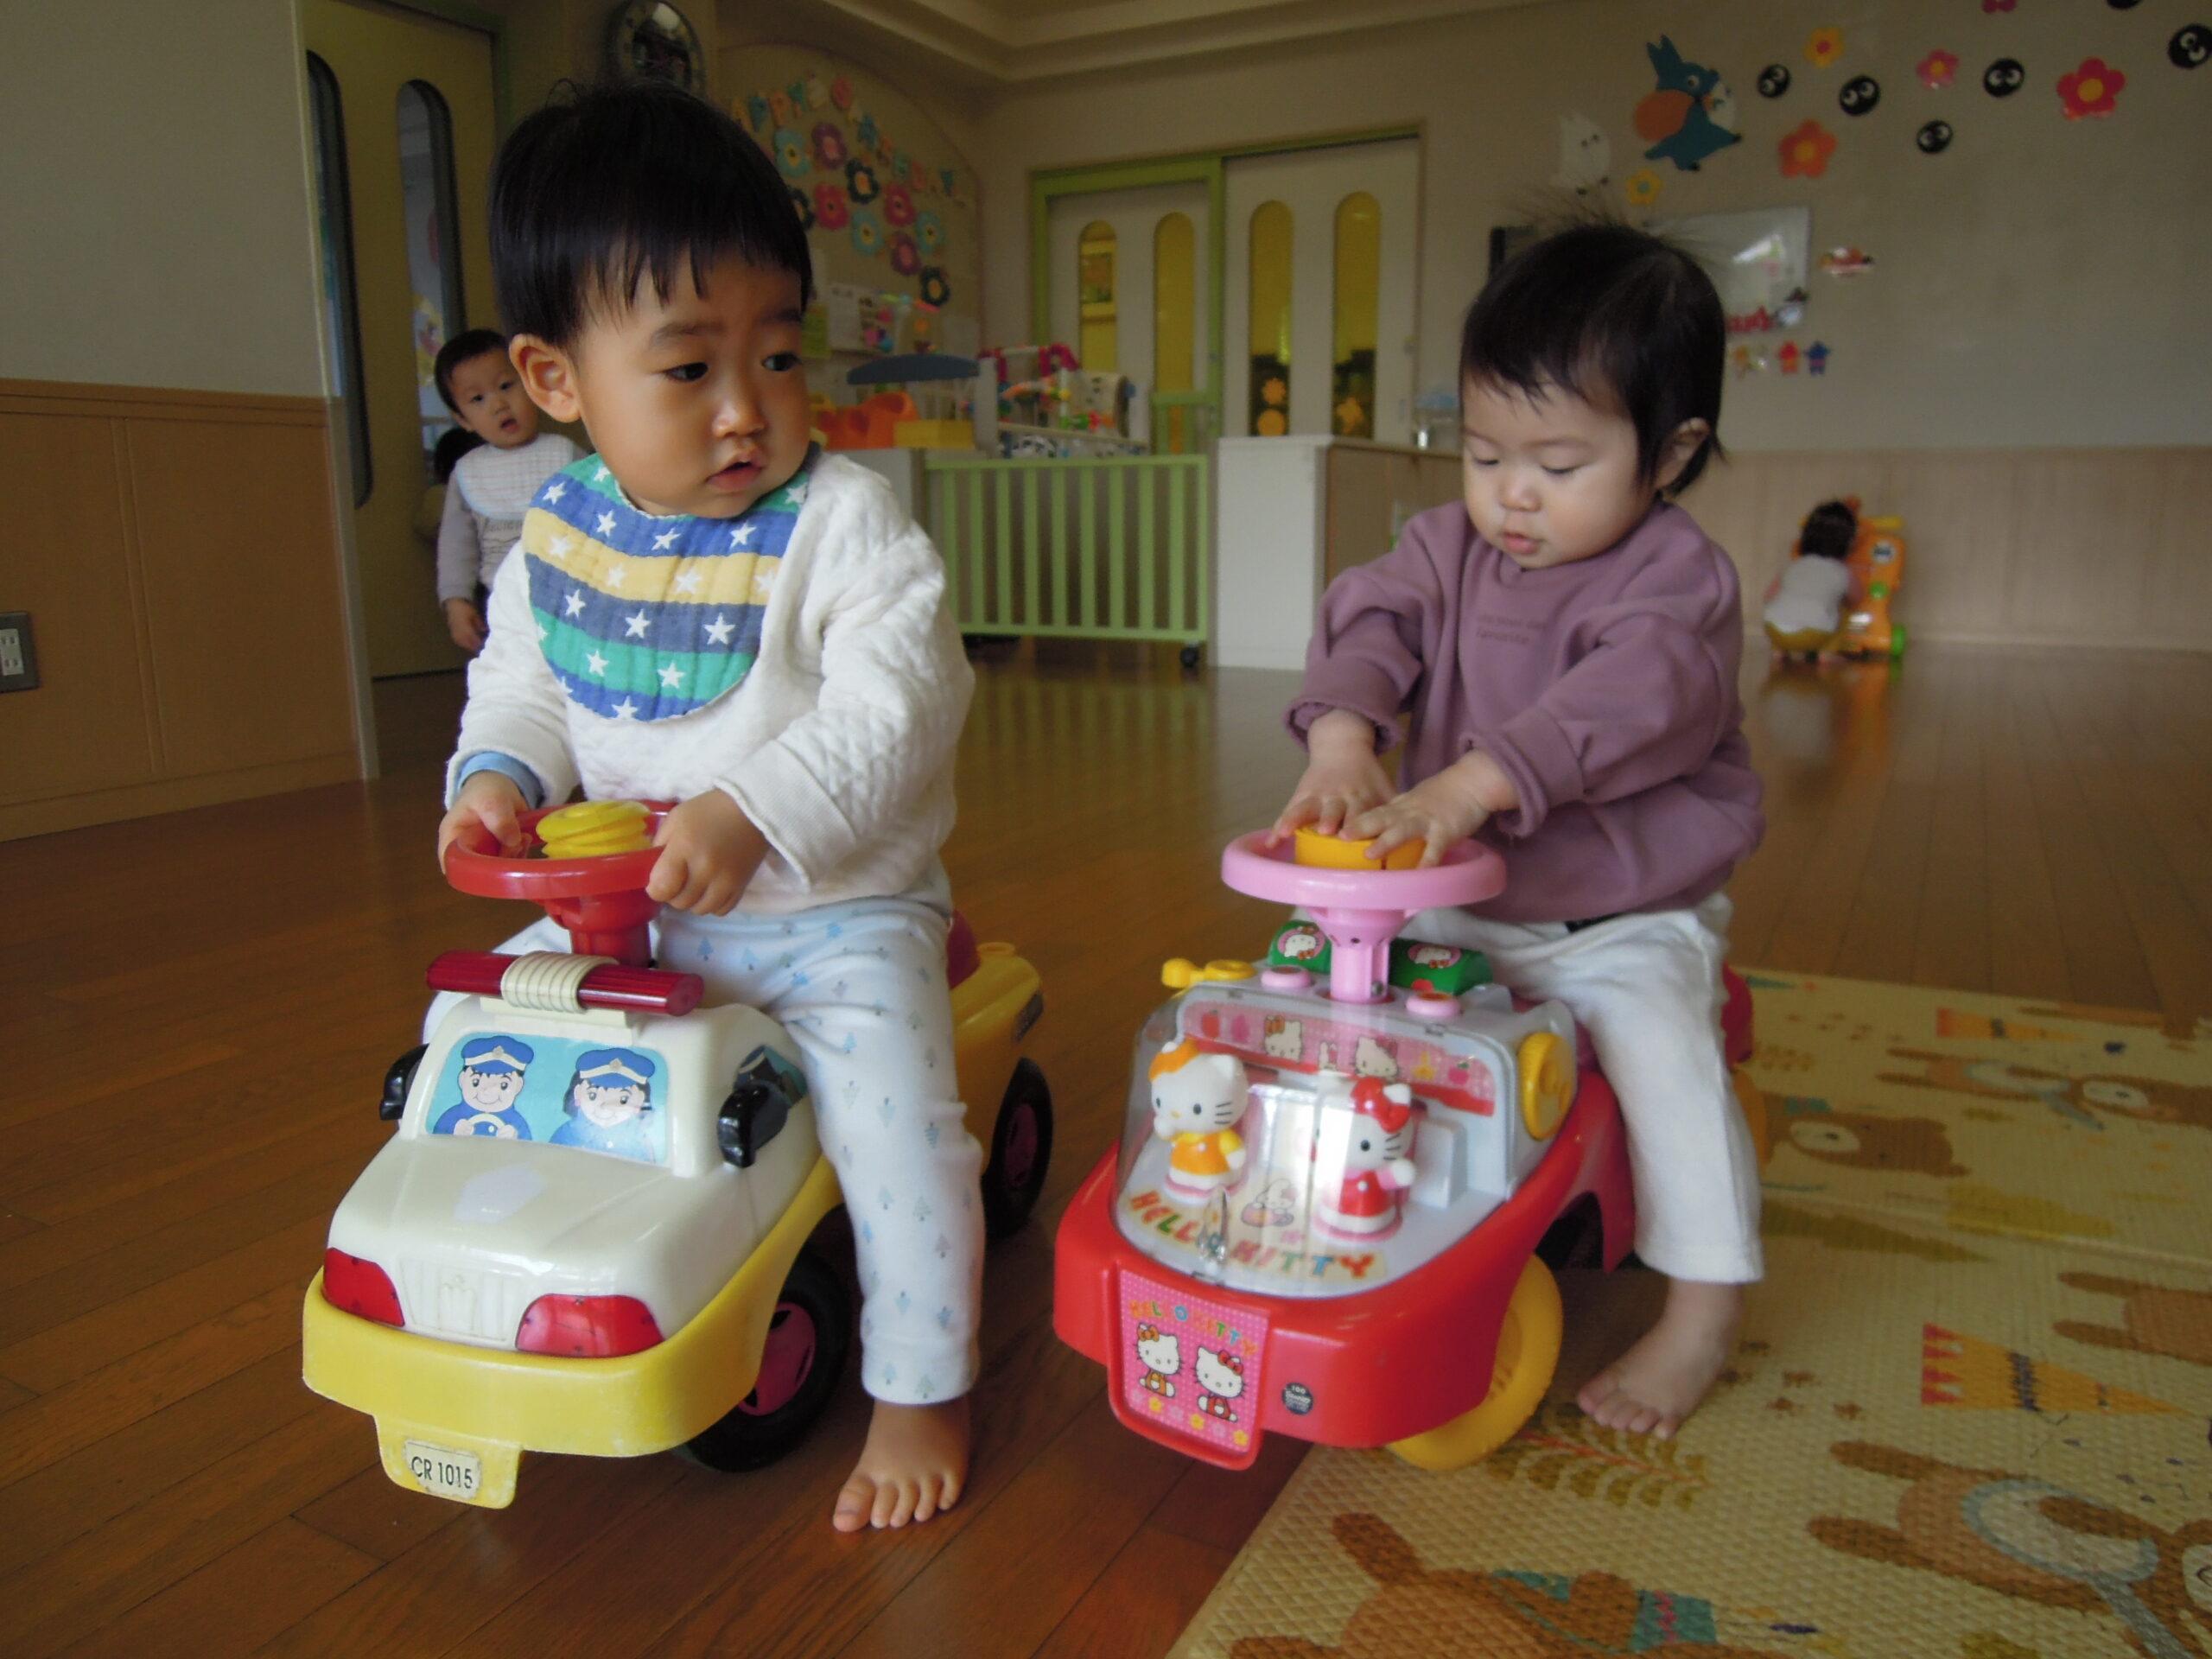 室内自動車も上手に乗れるようになりました